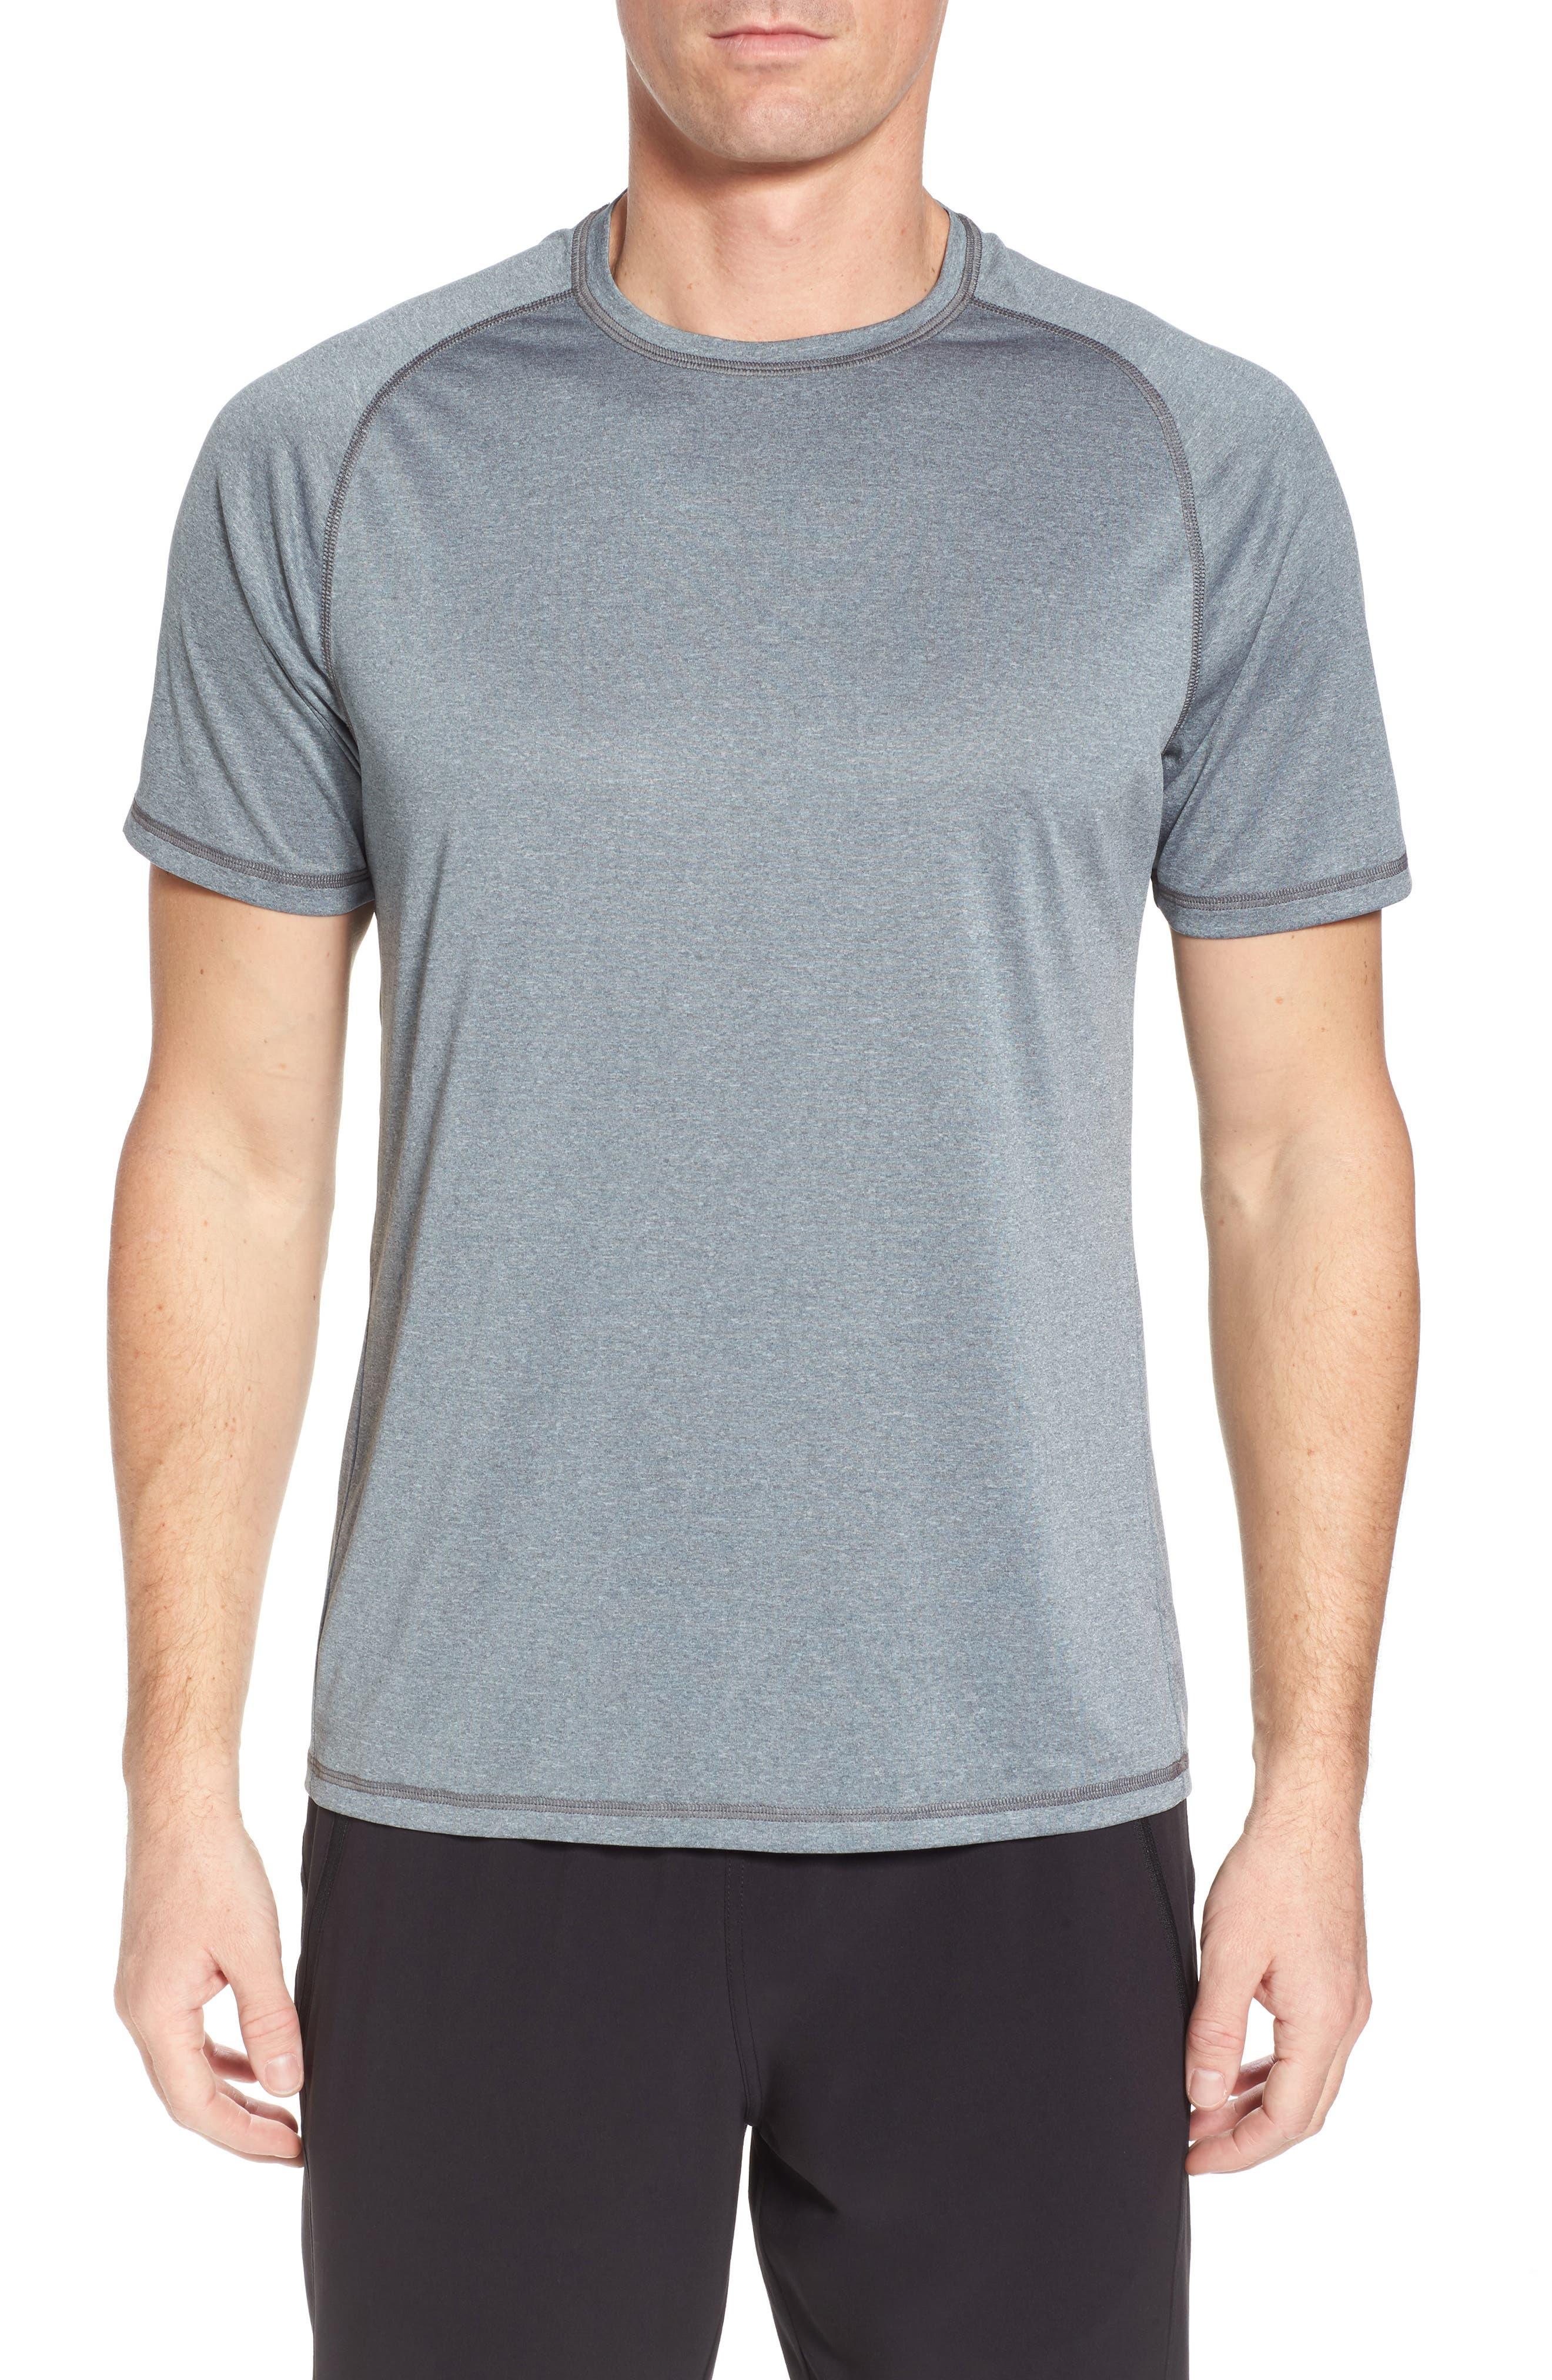 Zella Jordanite Crewneck T-Shirt